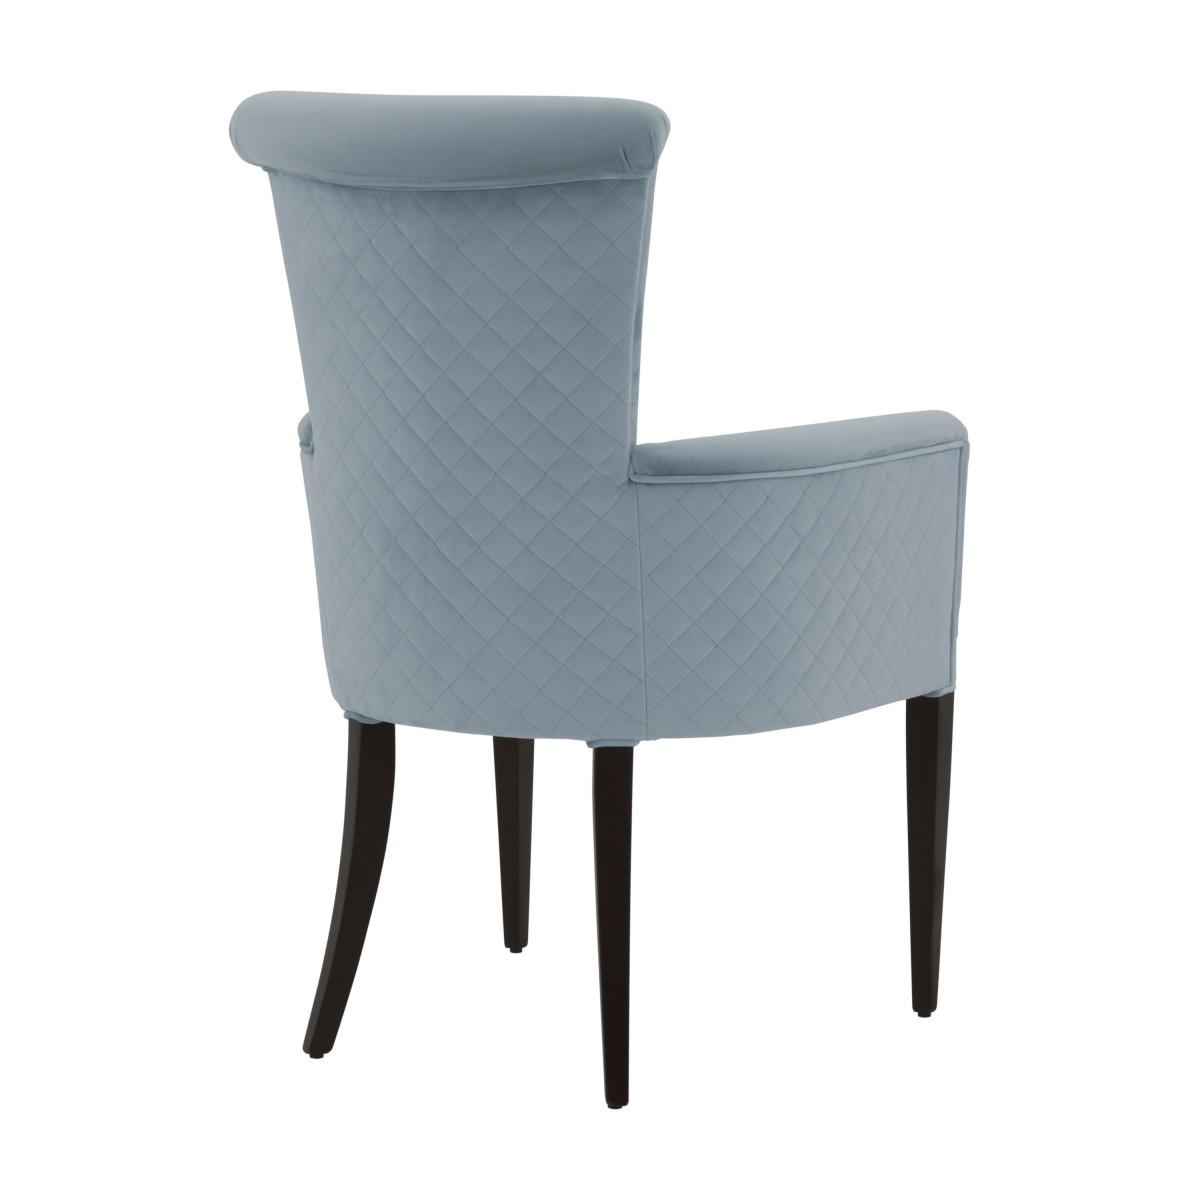 Small armchair Lia - Sevensedie